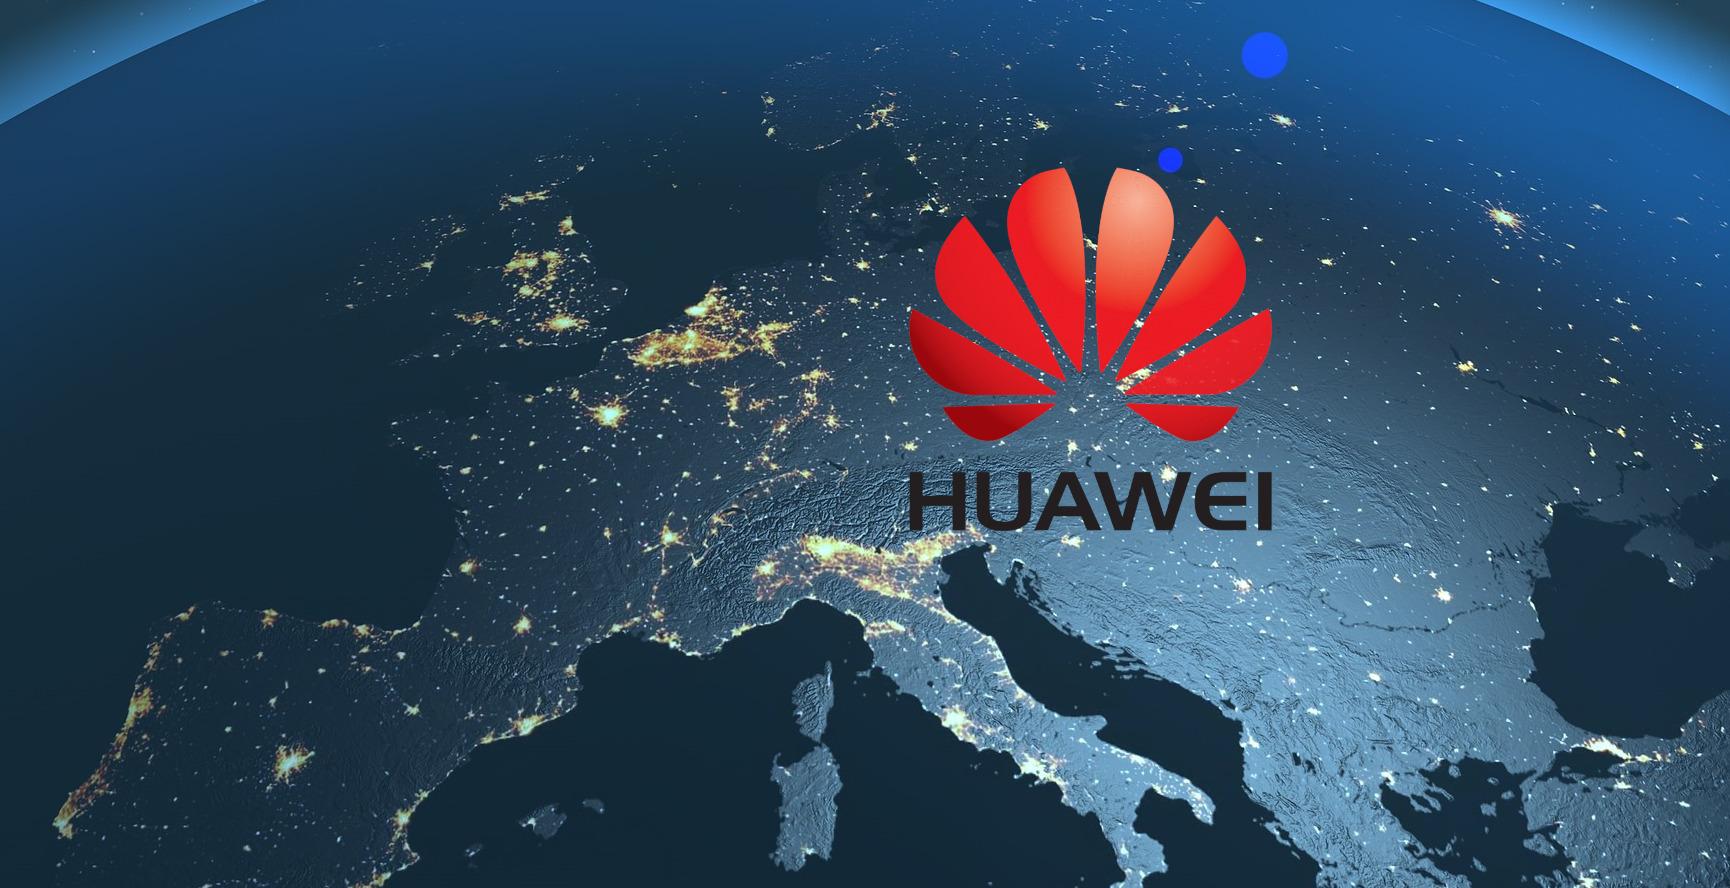 Niemcy nie widzą problemu w tym, by zaufać budowanym przez Huawei sieciom 5G